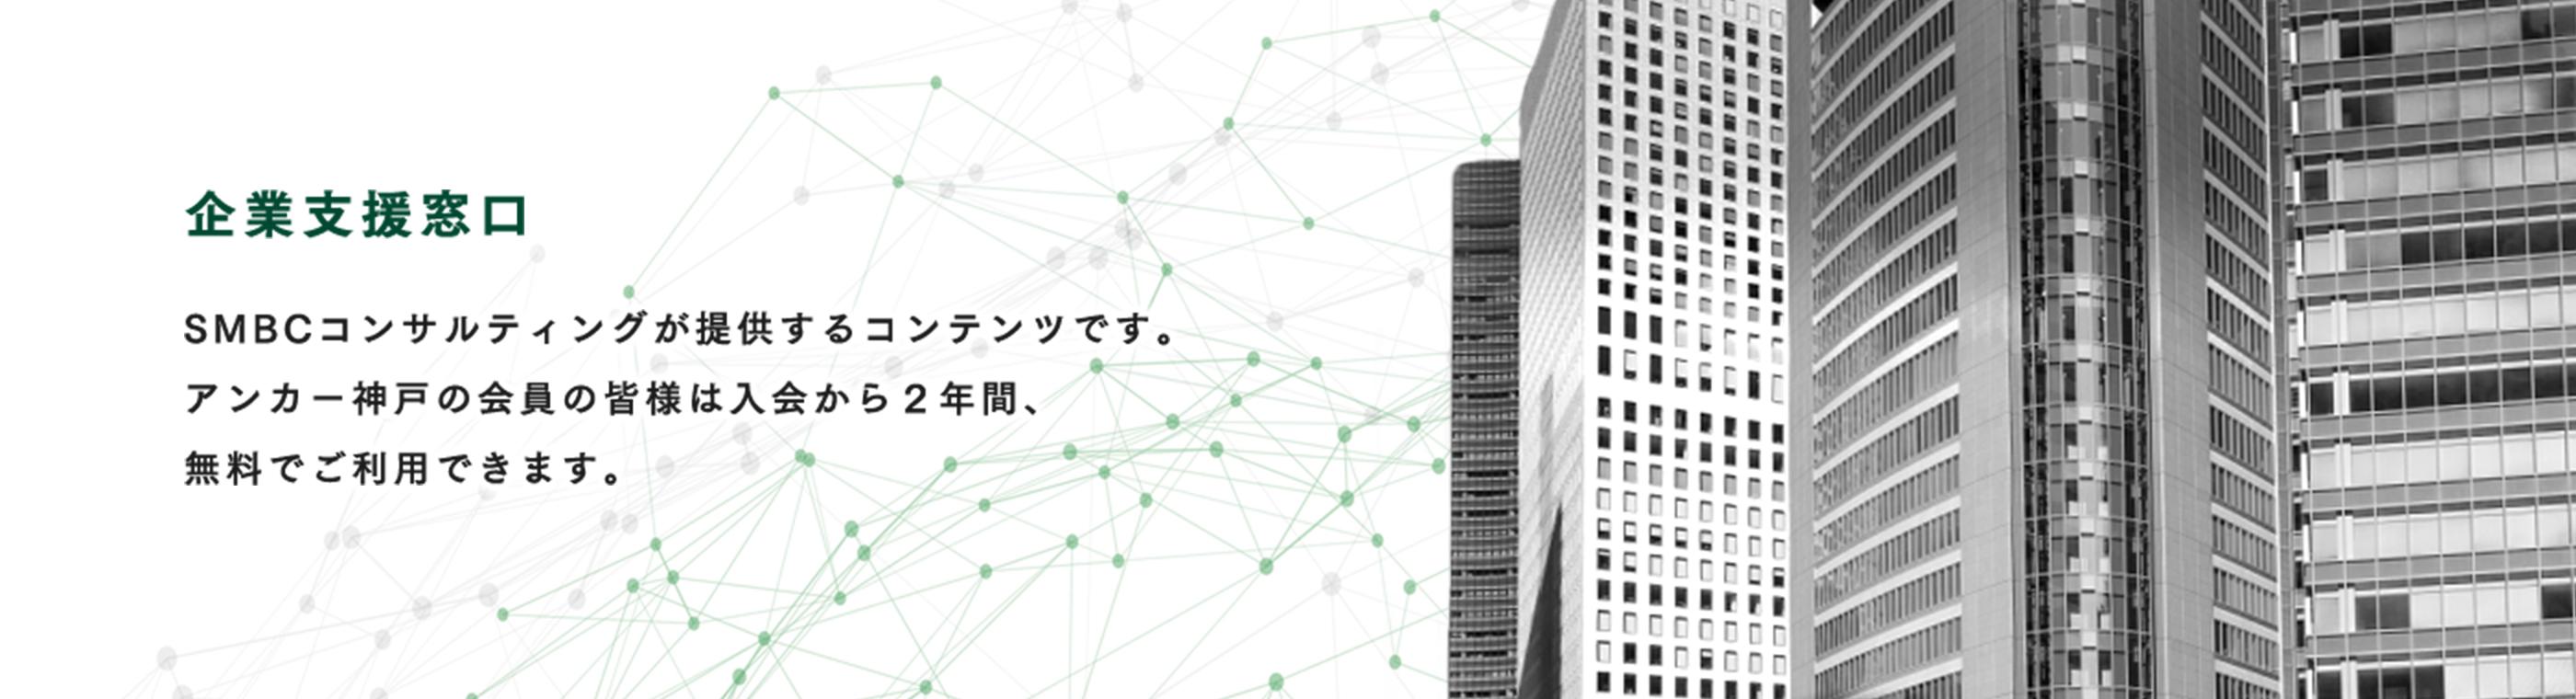 企業支援窓口 SMBCコンサルティングが提供するコンテンツです。 アンカー神戸の会員の皆様は入会から2年間、 無料でご利用できます。